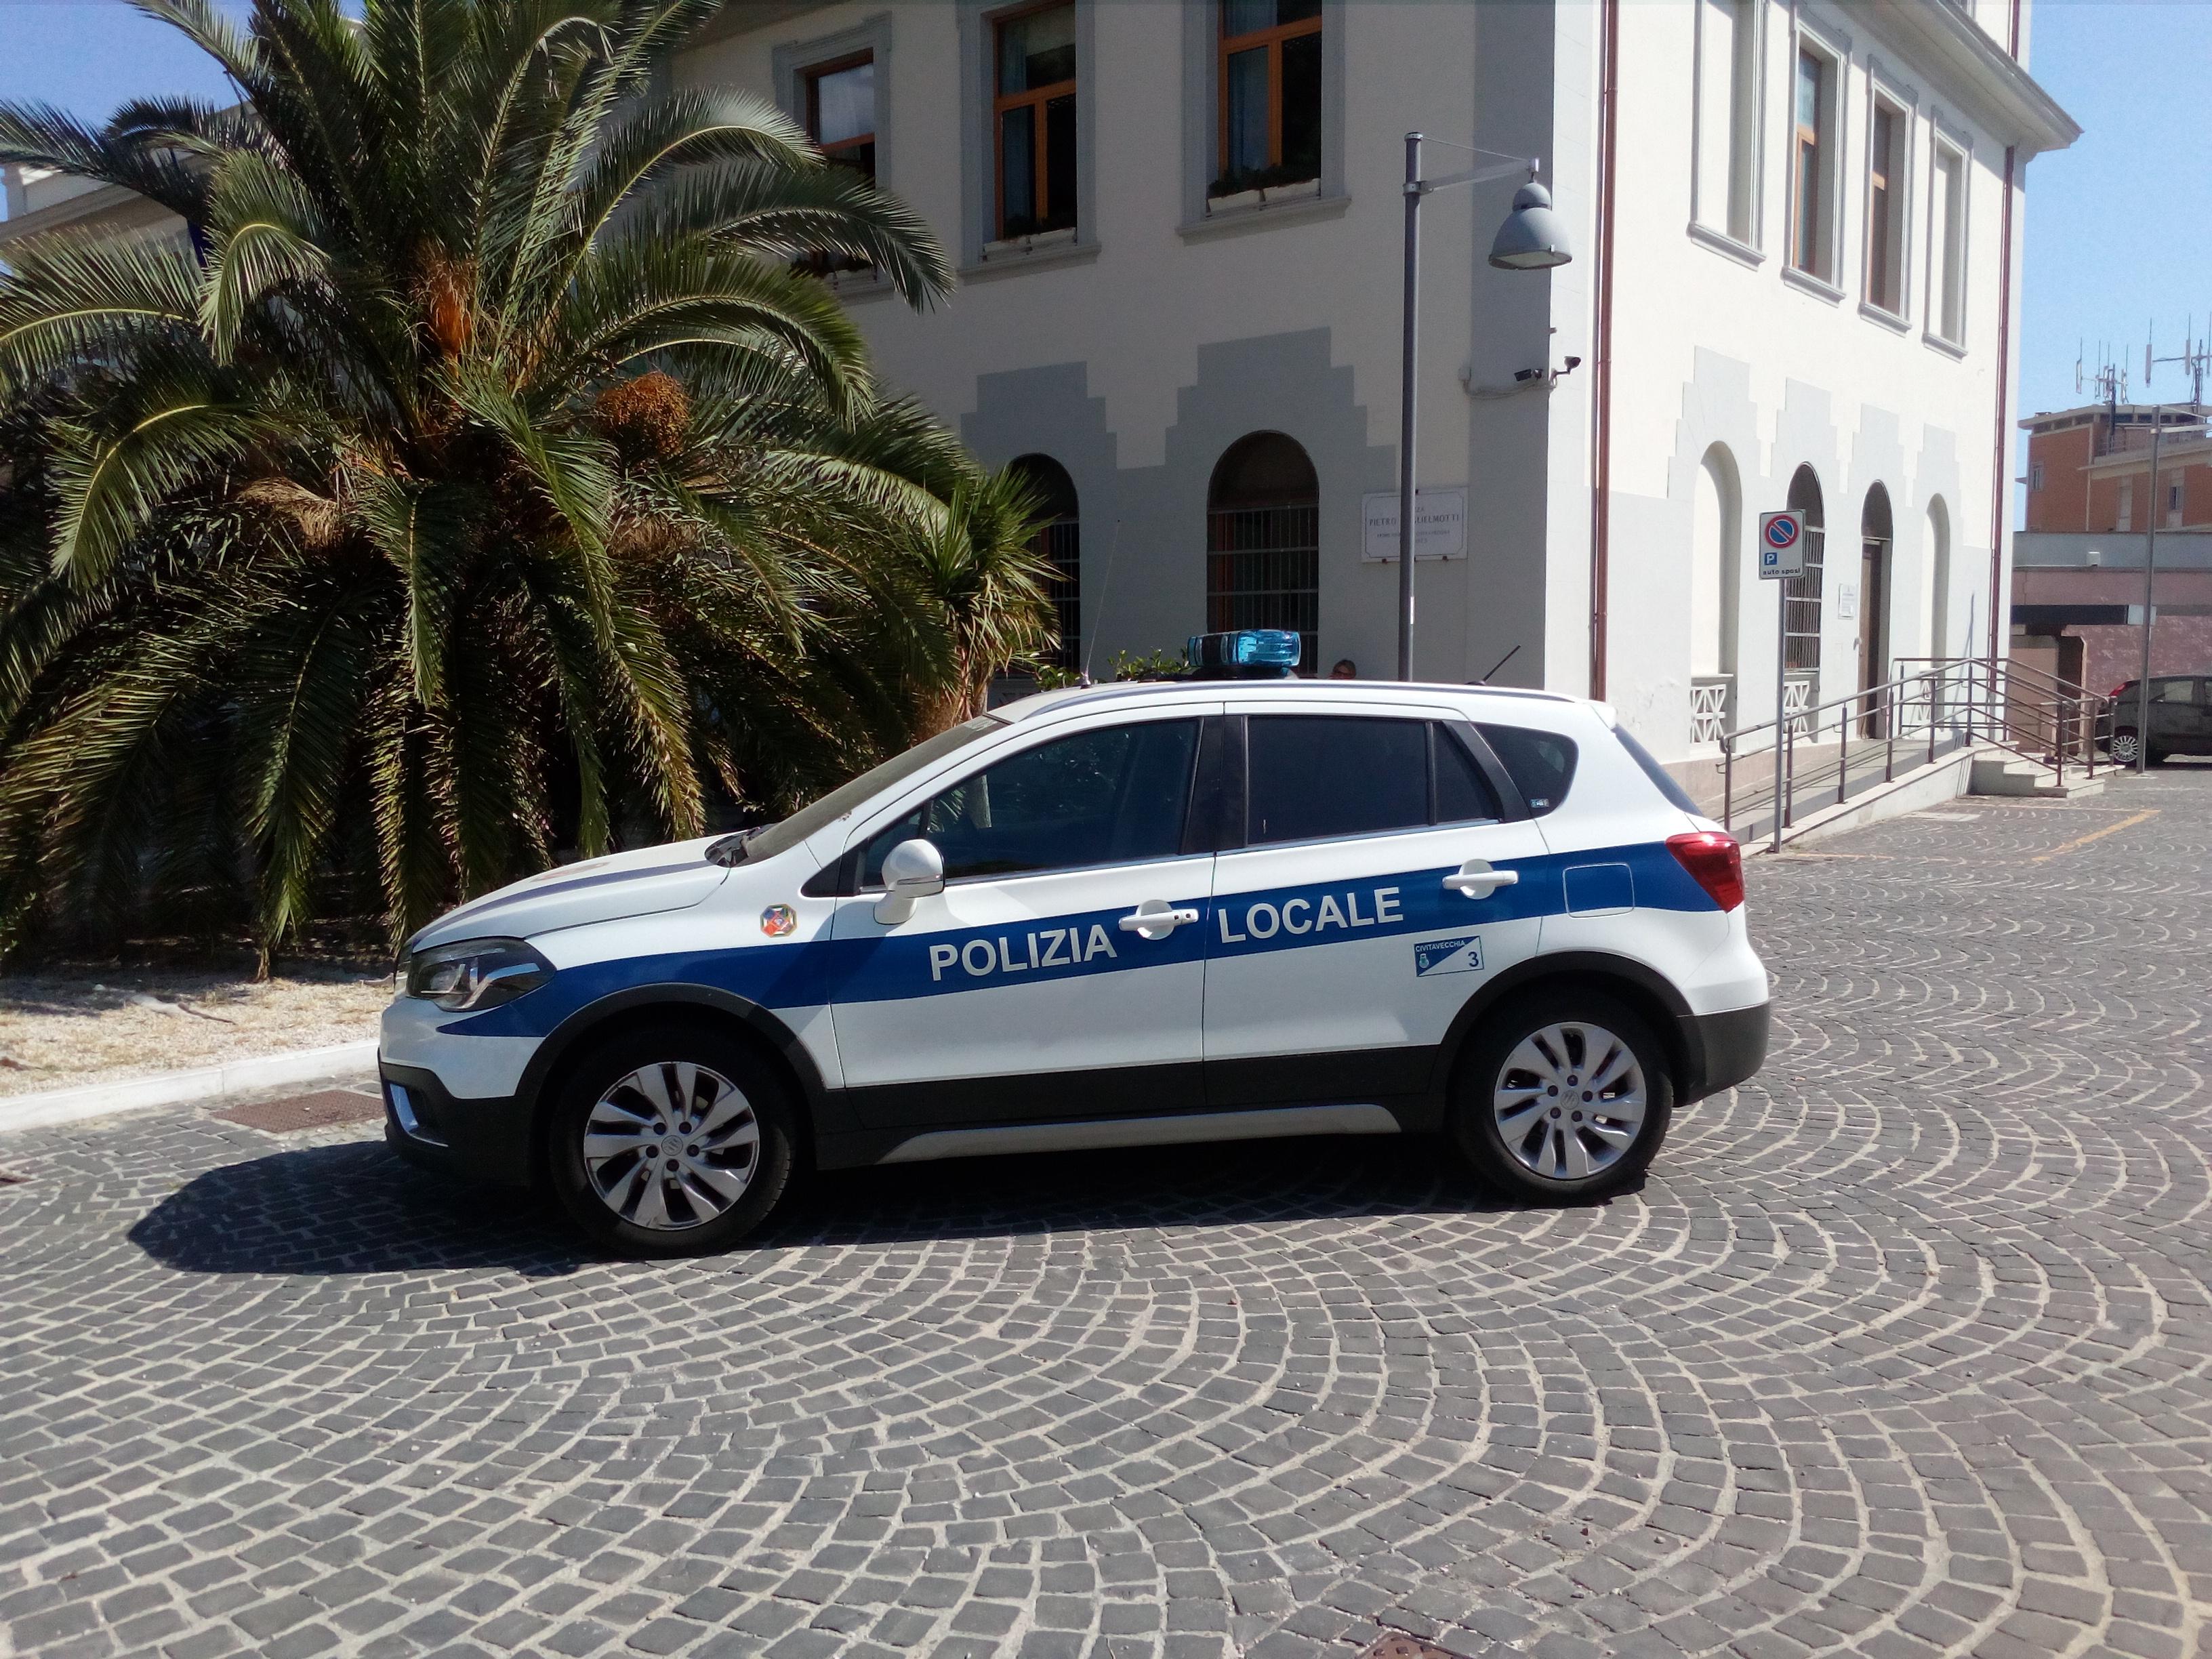 Civitavecchia, rilevazione infrazioni impianto semaforico di Via Castronovo parte la sperimentazione